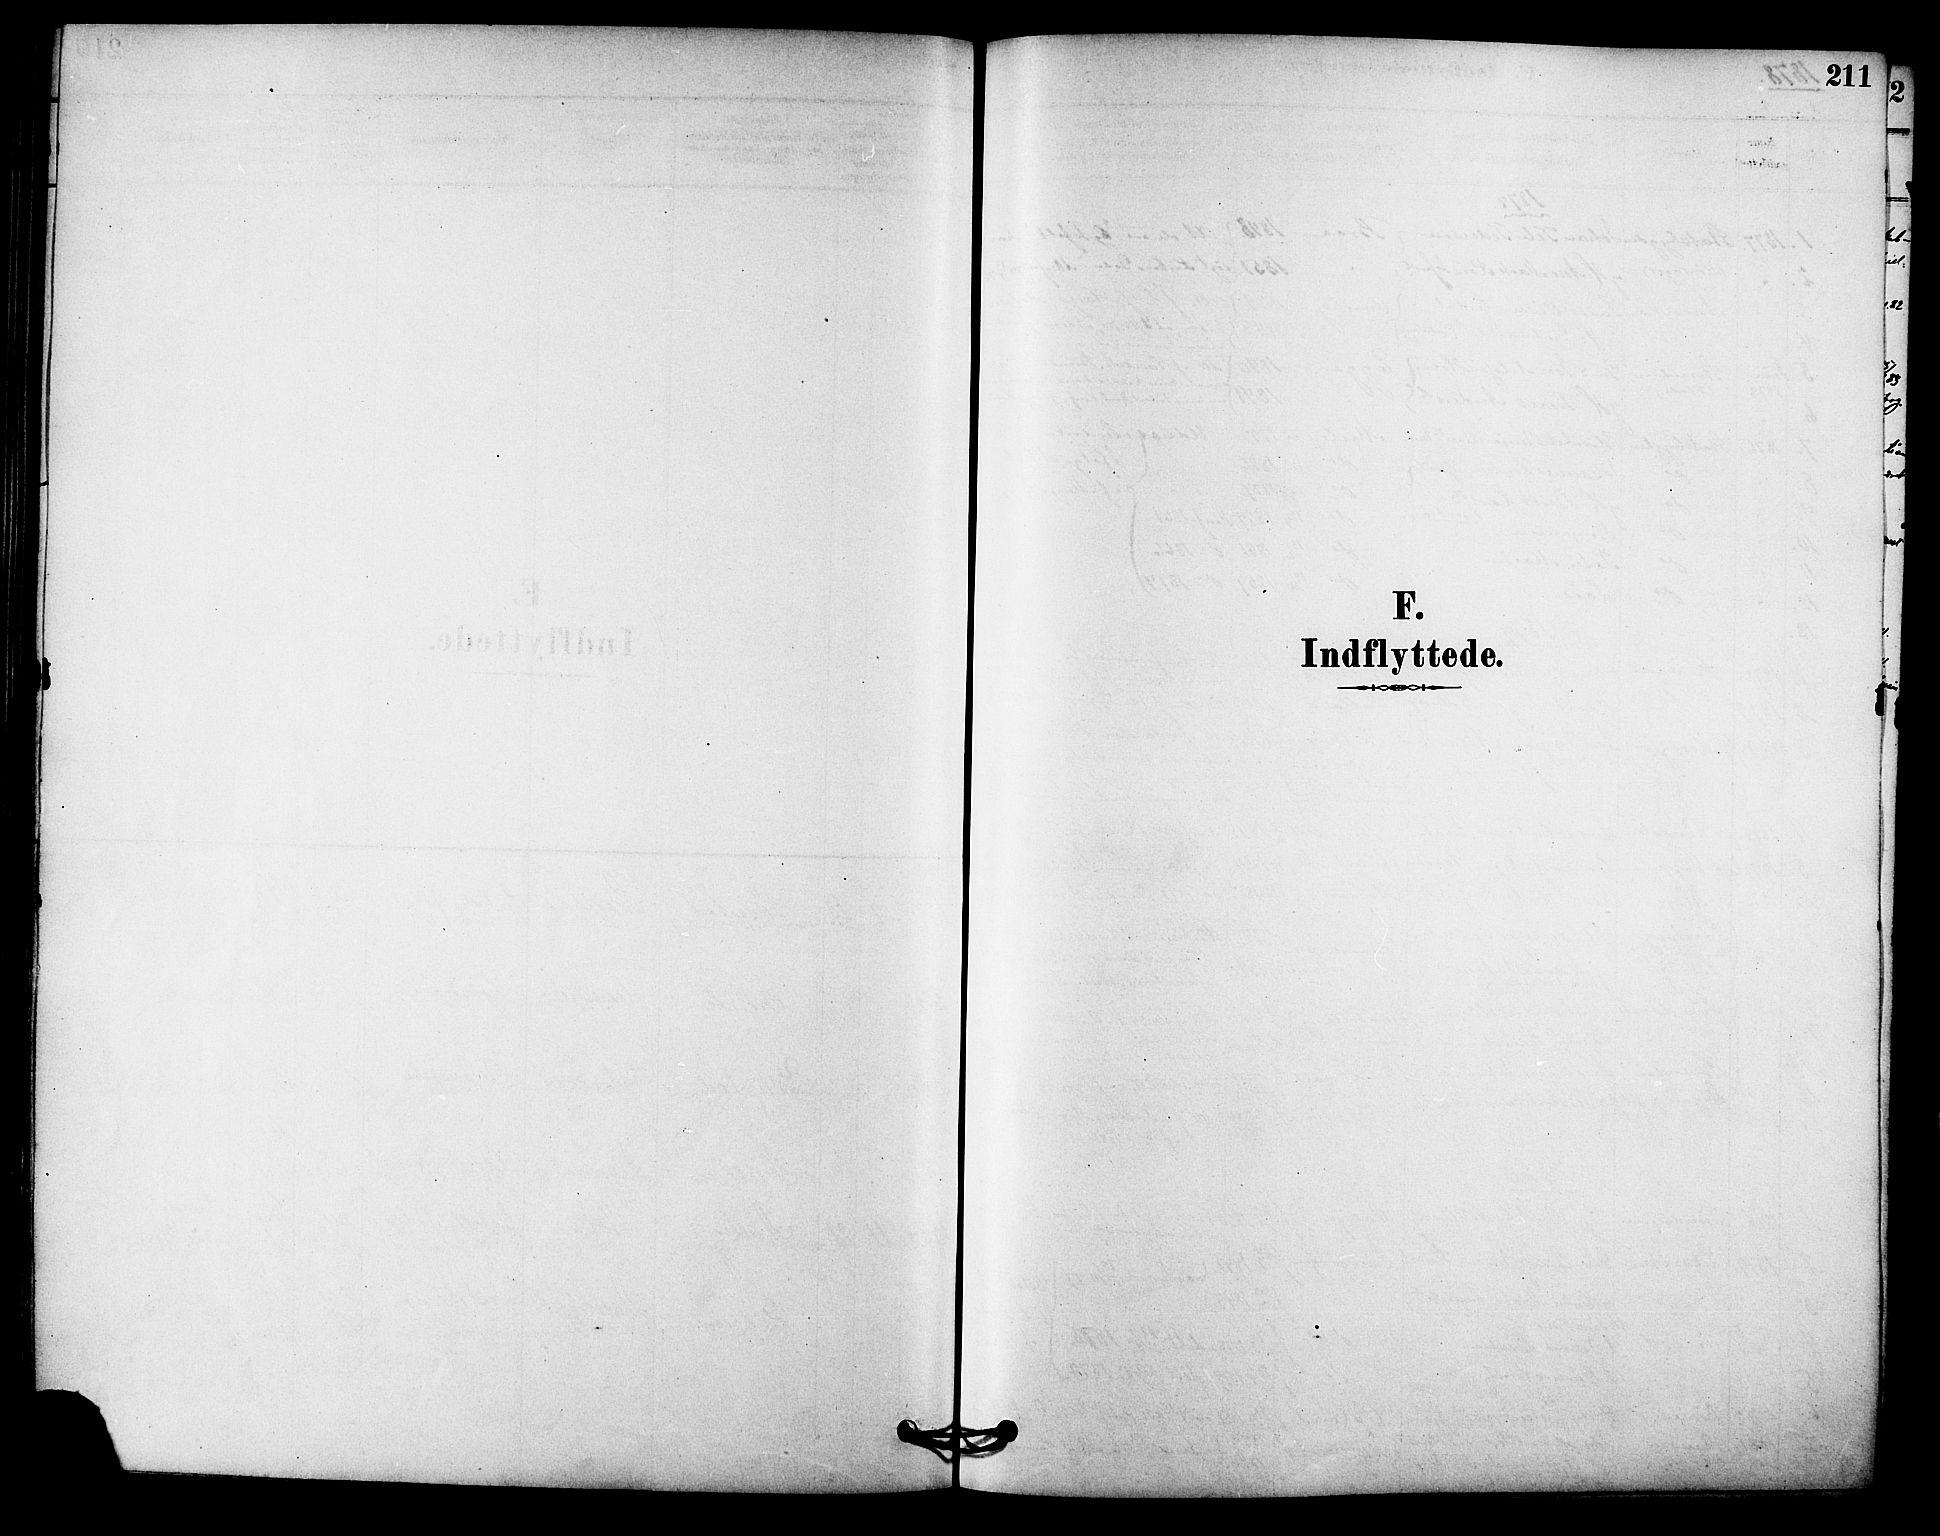 SAT, Ministerialprotokoller, klokkerbøker og fødselsregistre - Sør-Trøndelag, 612/L0378: Ministerialbok nr. 612A10, 1878-1897, s. 211